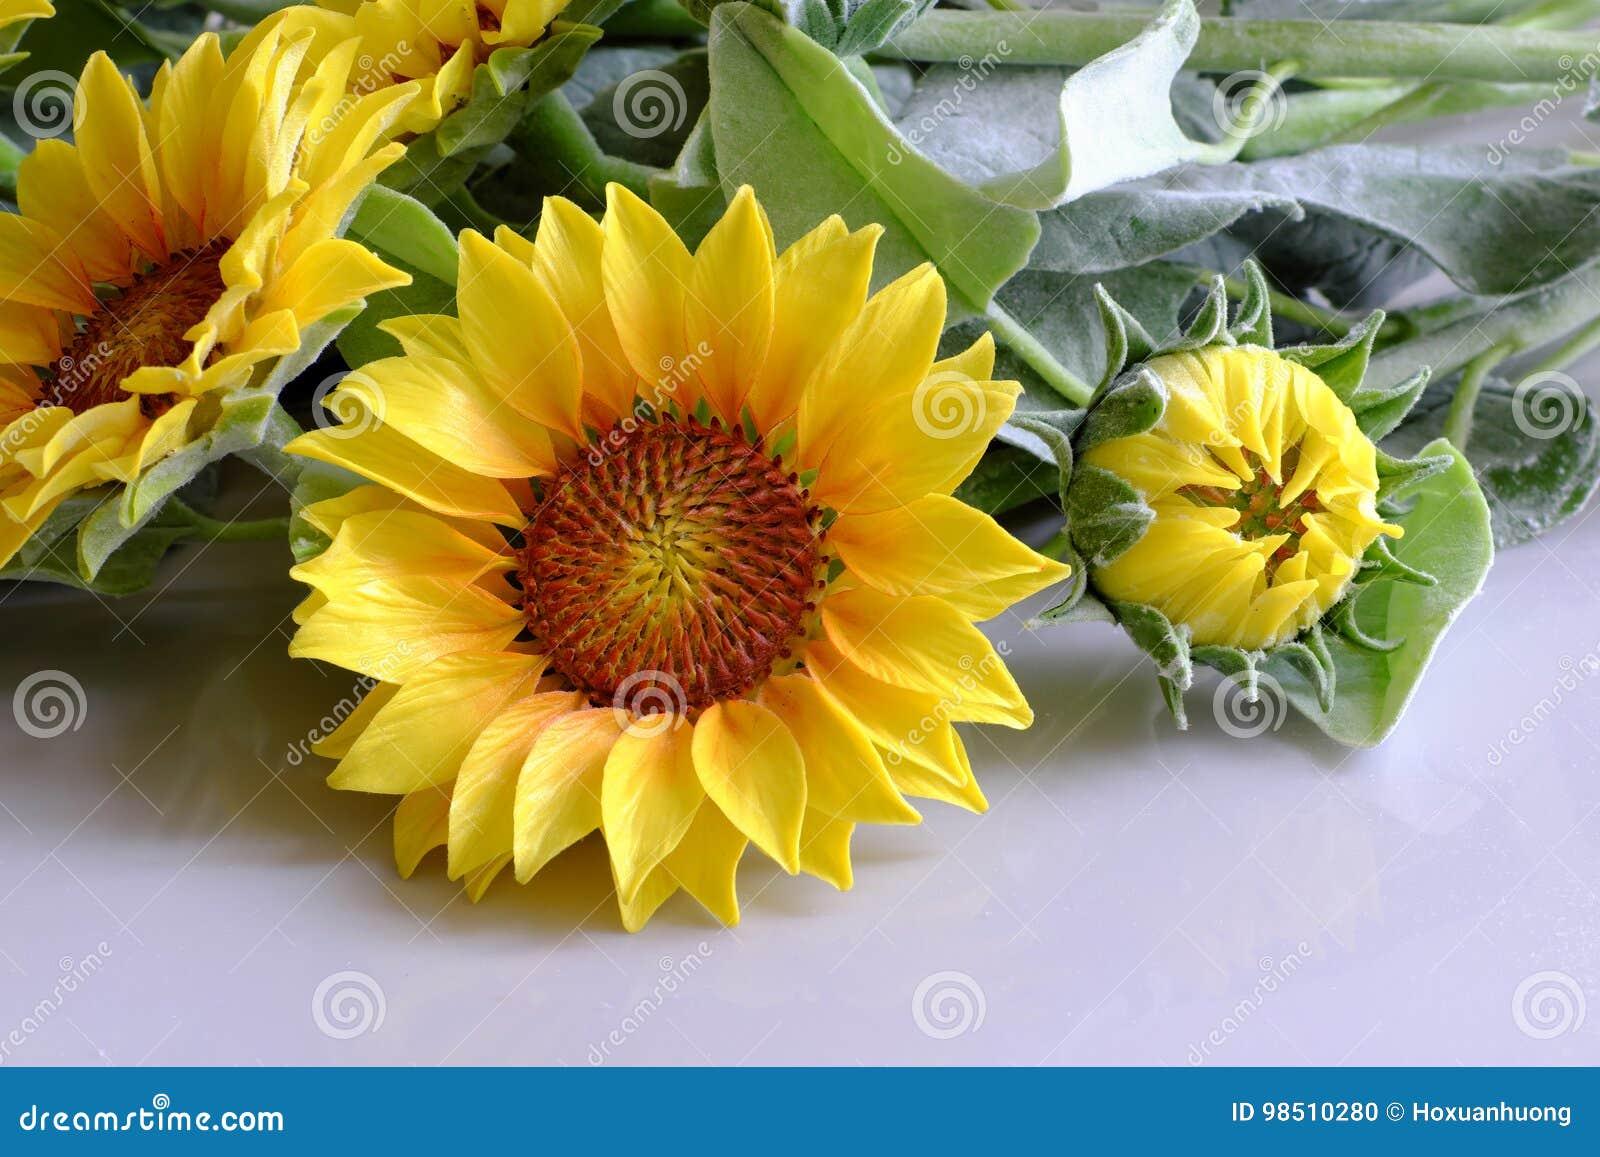 fleur d'argile, bouquet de tournesol photo stock - image du fleurs